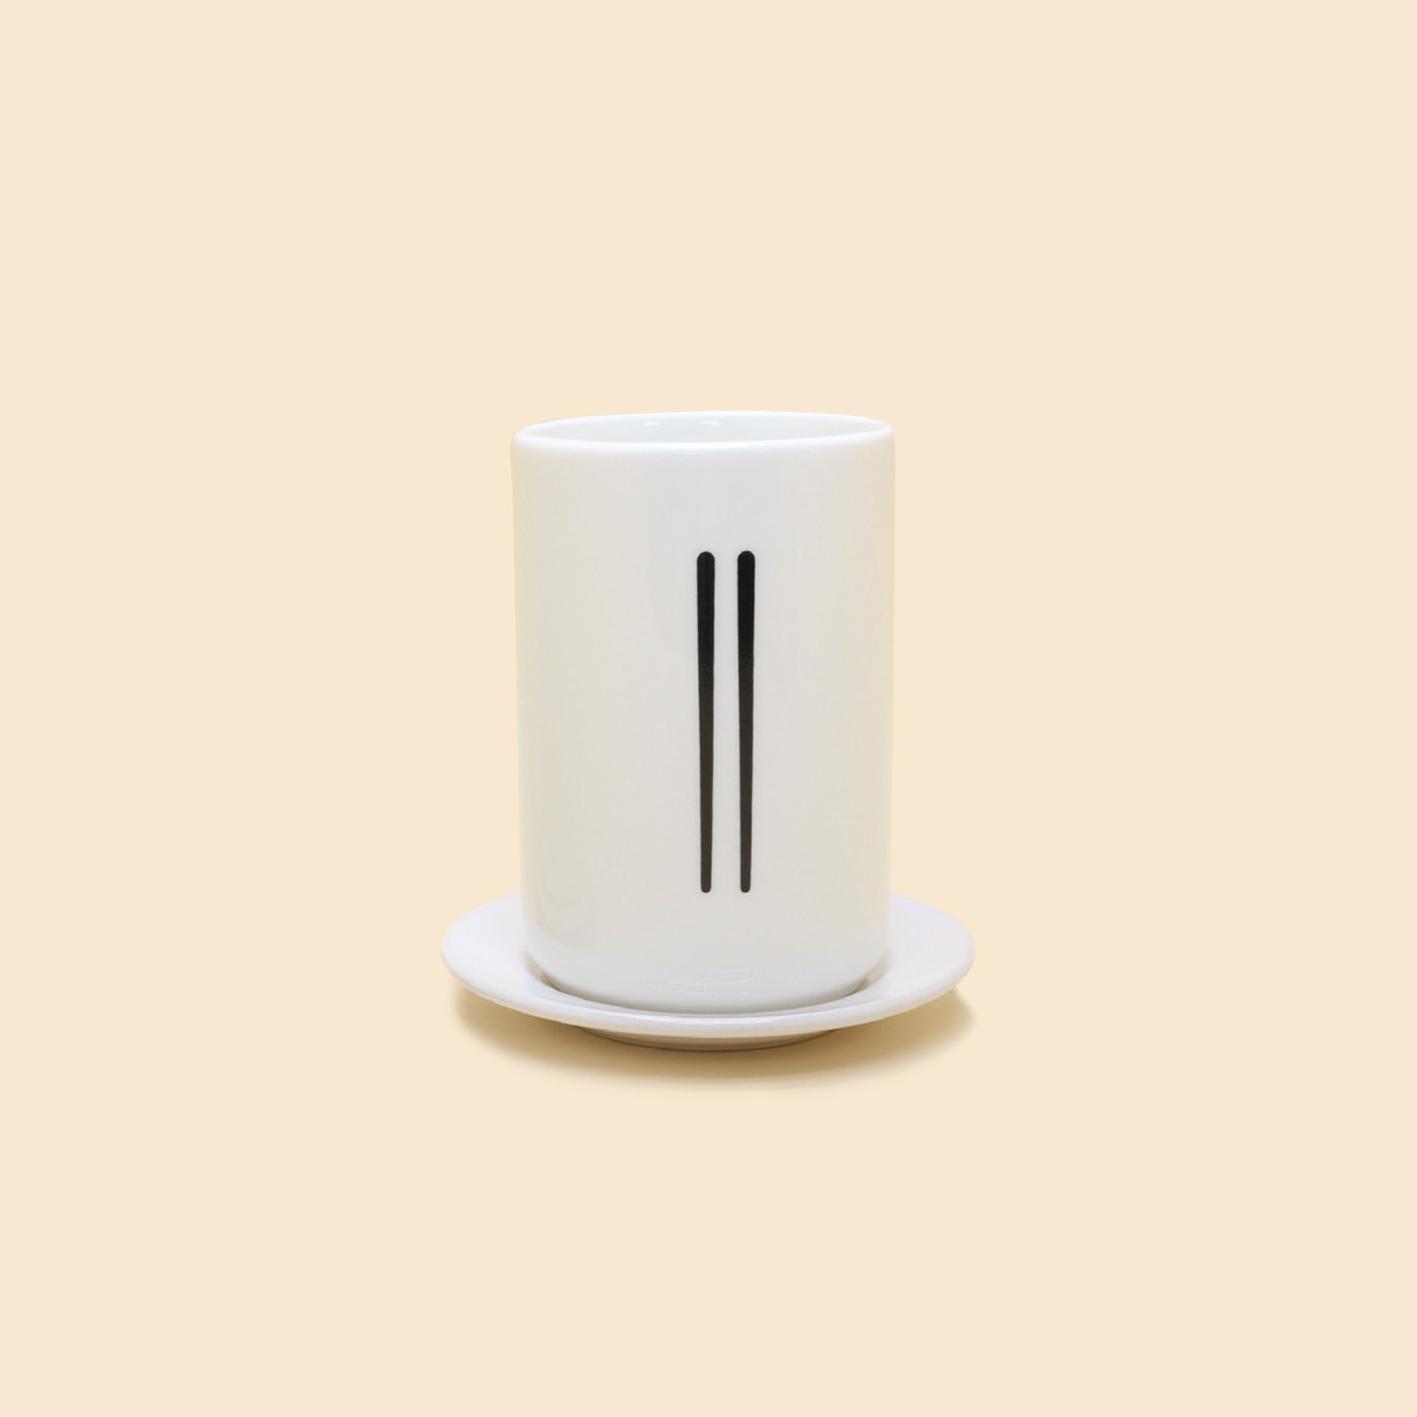 Ly Sứ trắng in hình Đũa Muồng Nĩa  - Set of White Ceramic Cup & Saucer S20